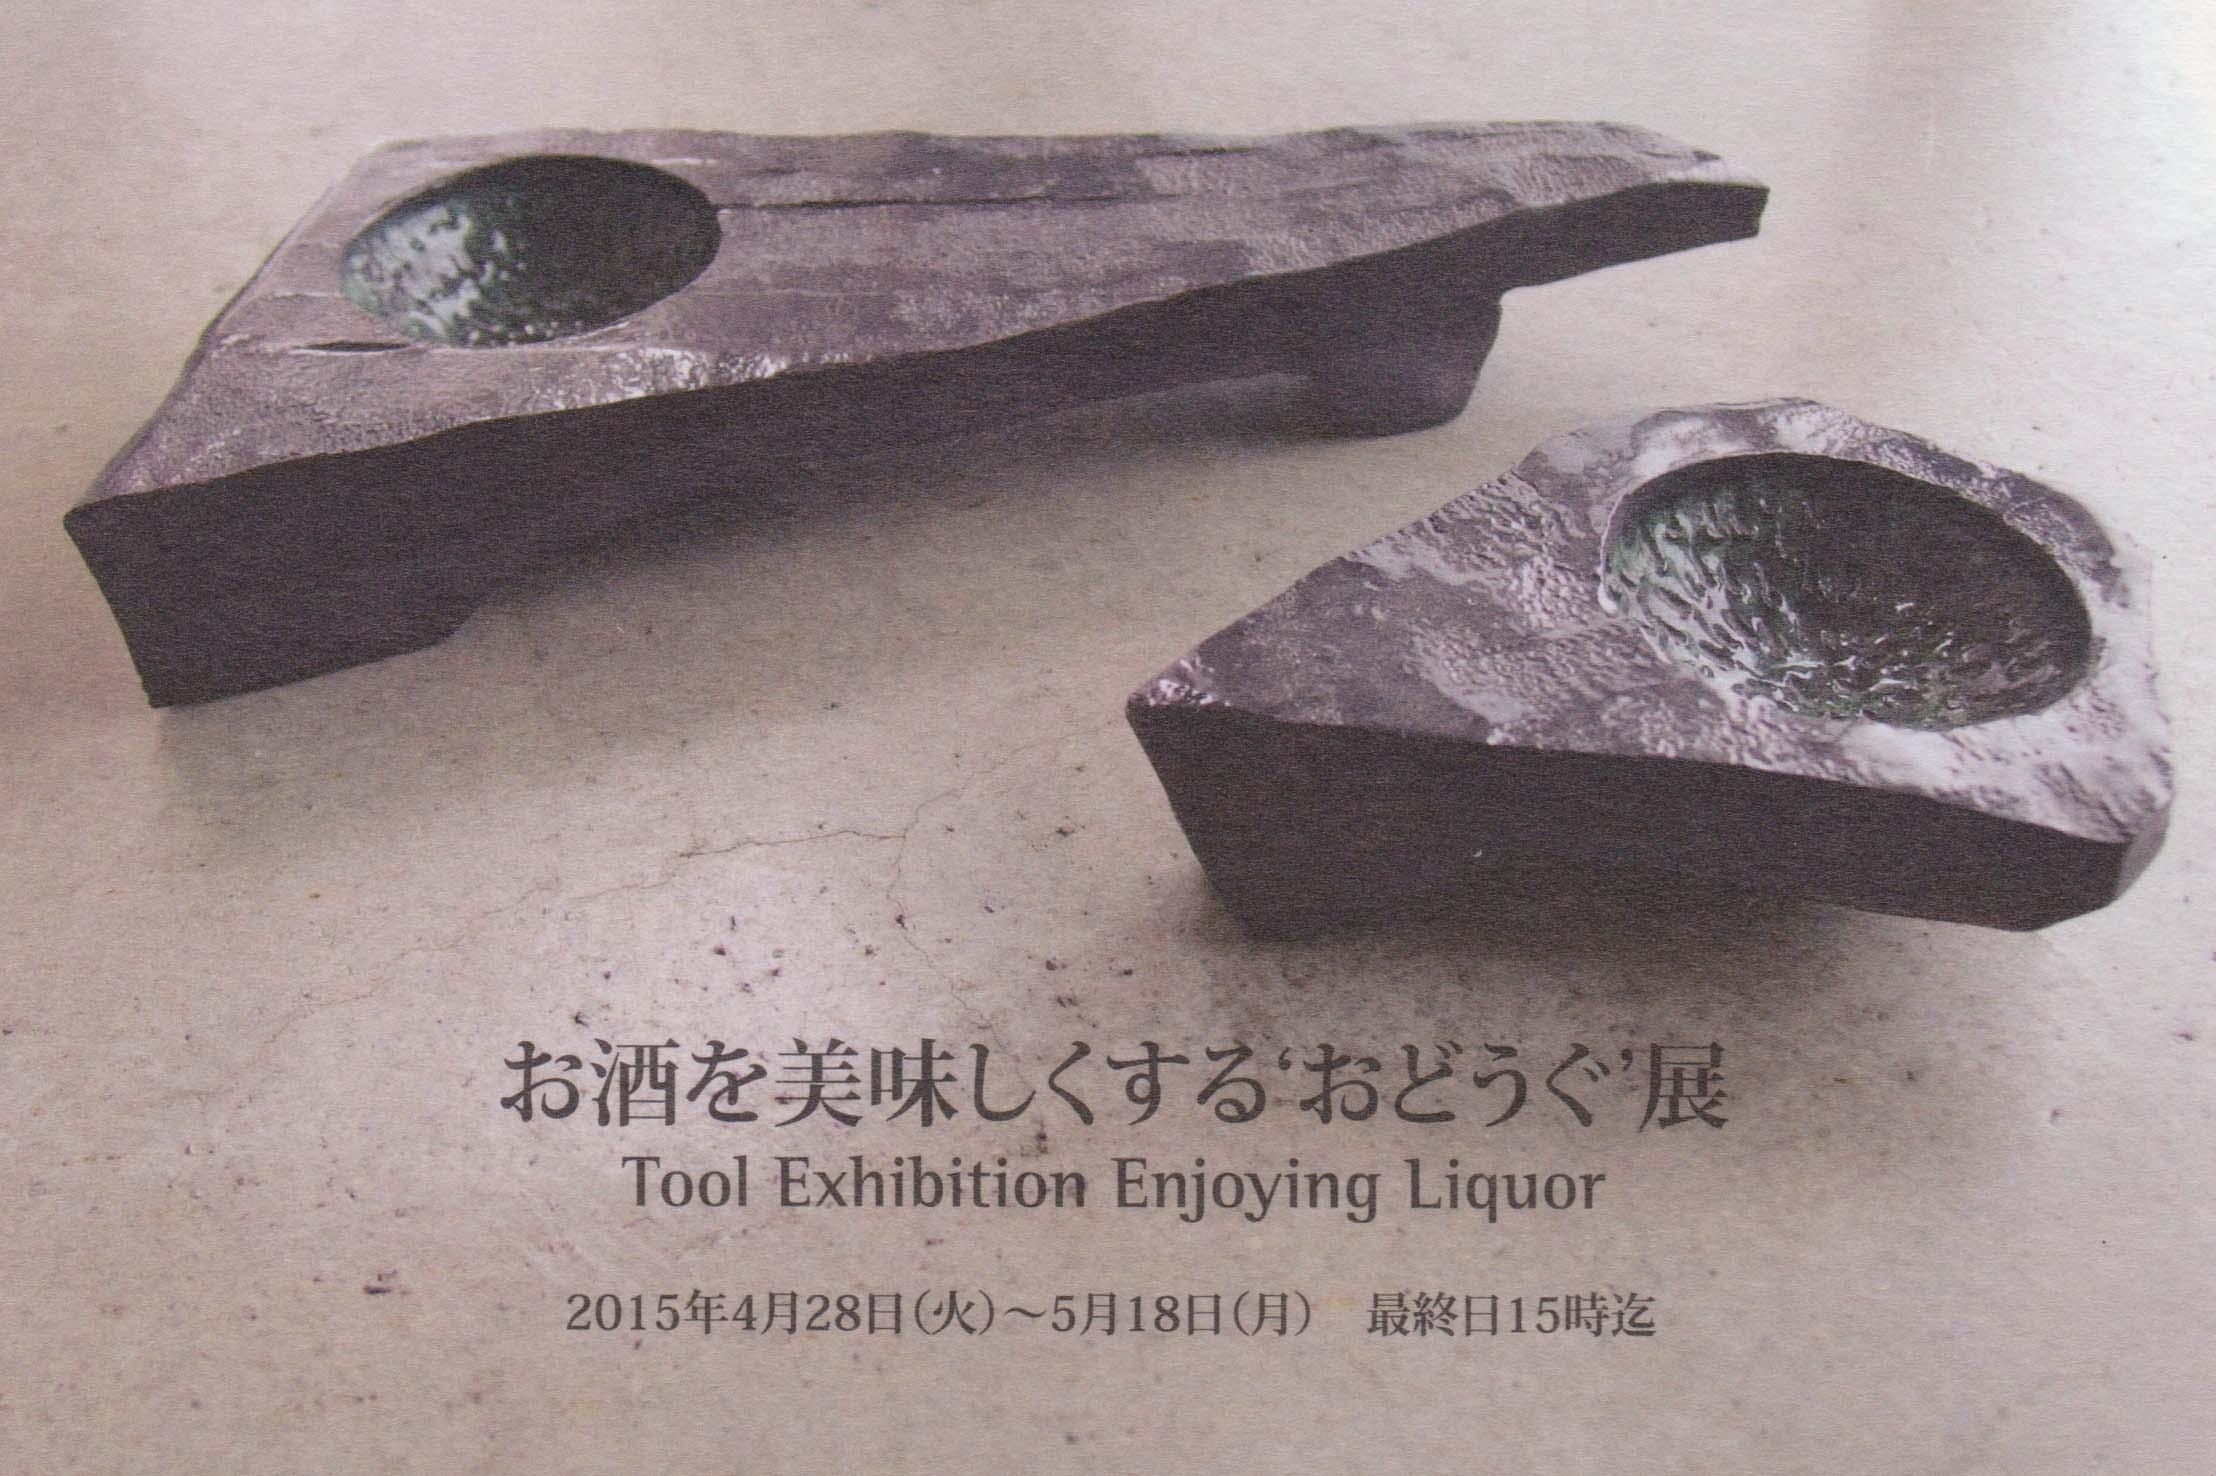 ショップ 京 「お酒を美味しくする'おどうぐ'展」_c0212902_1571552.jpg